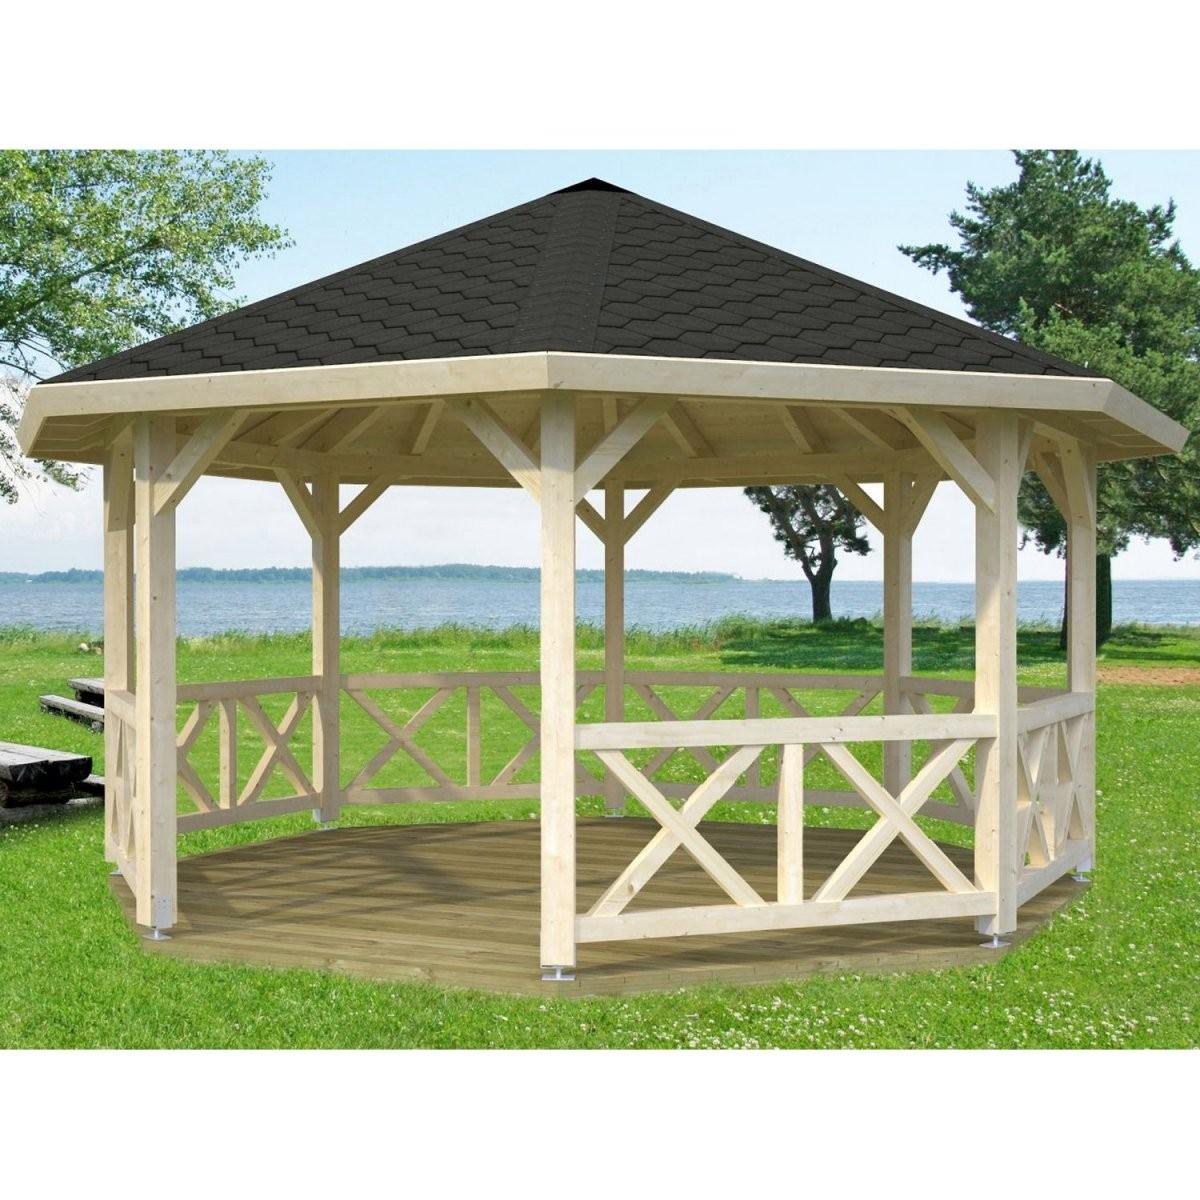 Gartenlauben  Holzpavillons Online Kaufen Bei Obi  Obi von Pavillon 8 Eckig Holz Bauanleitung Photo